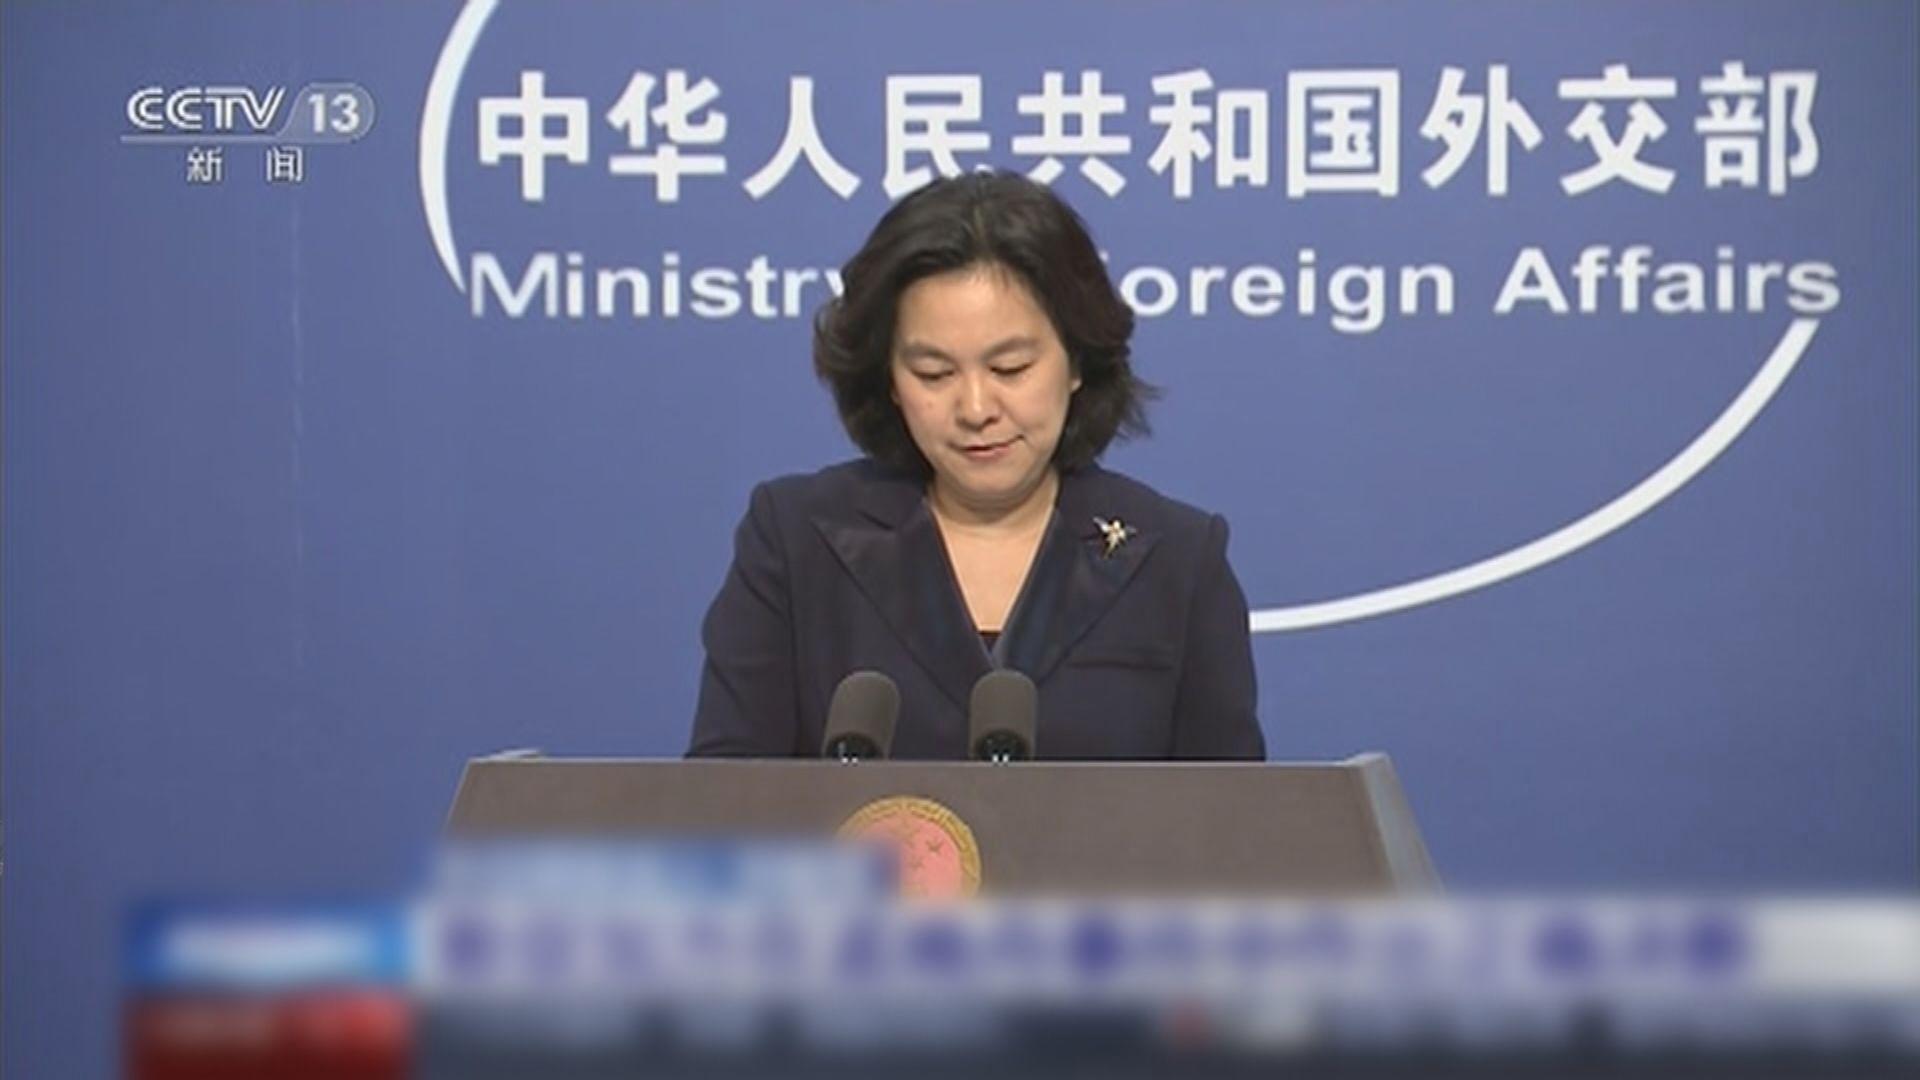 外交部:美國以孟晚舟一事打壓中國高技術企業